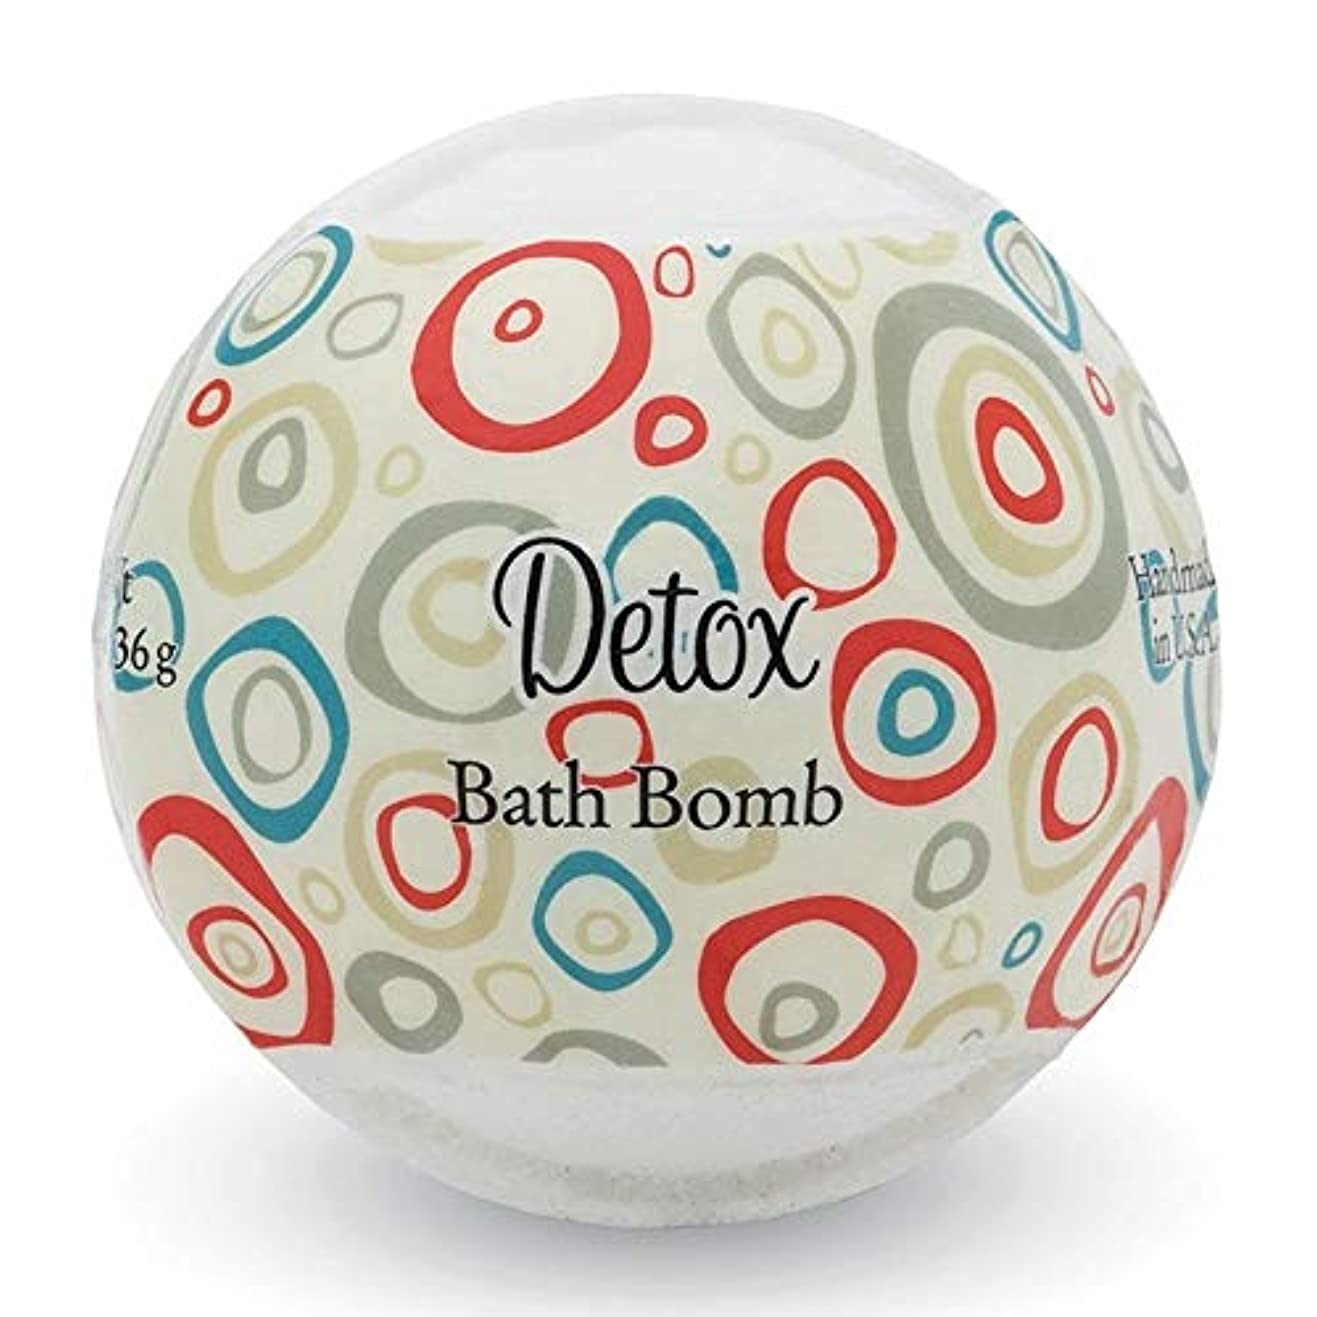 興奮する表現叫び声プライモールエレメンツ バスボム/デトックス 136g シアバターとココナツ&アルガンオイル配合のお肌に潤いを与える発泡性入浴剤